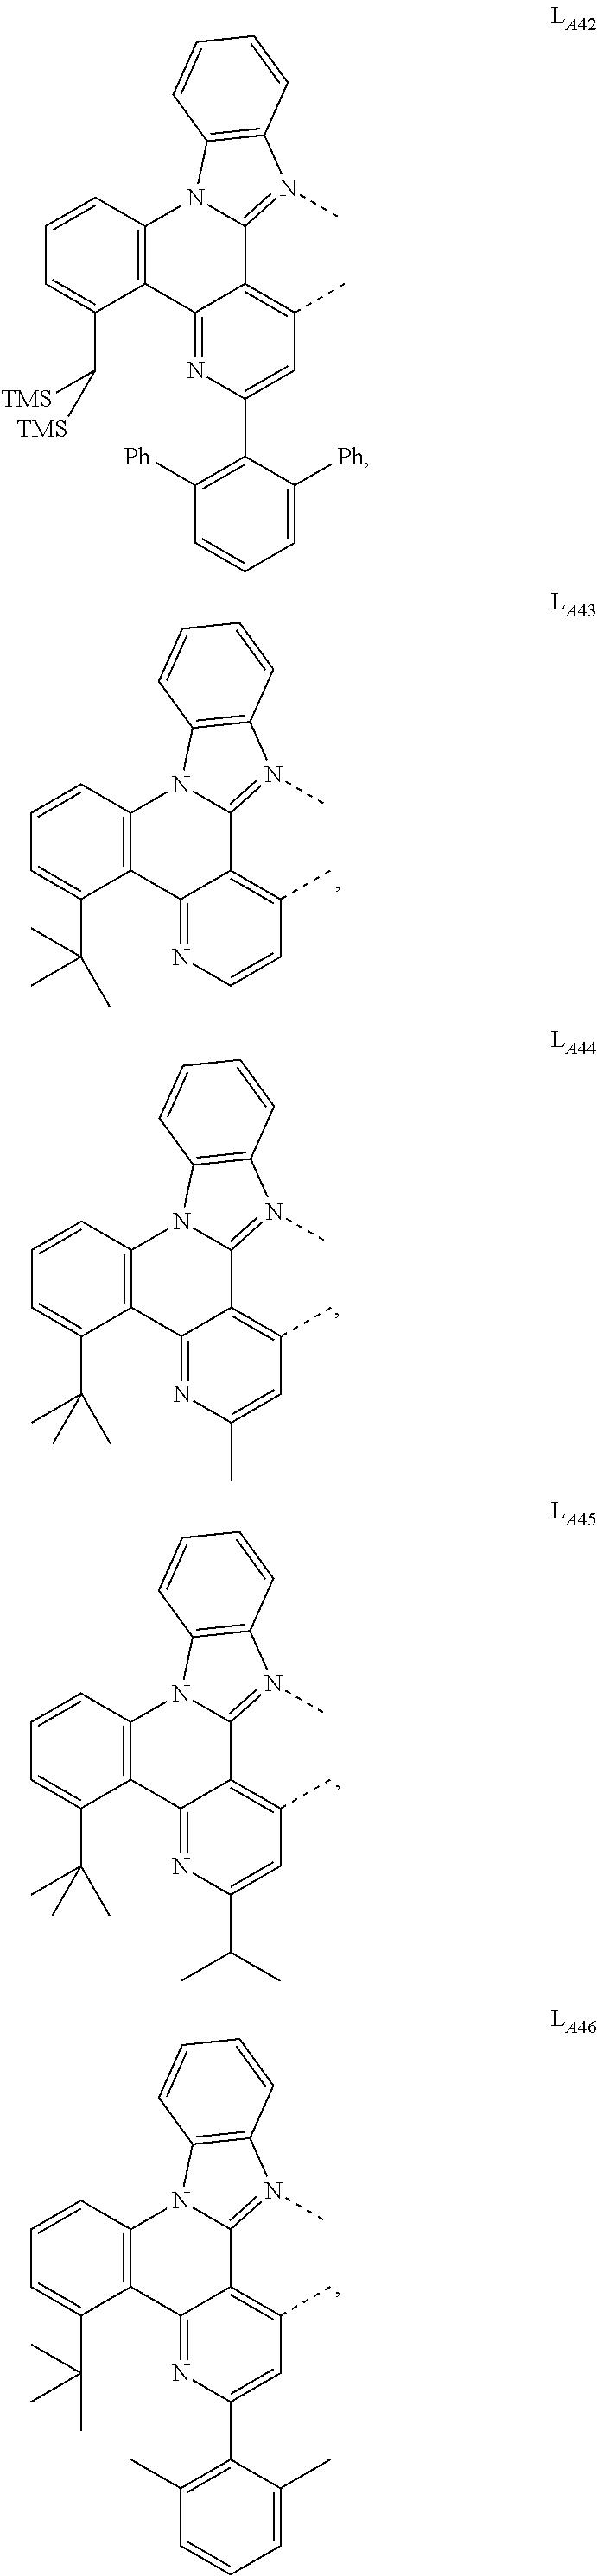 Figure US09905785-20180227-C00434